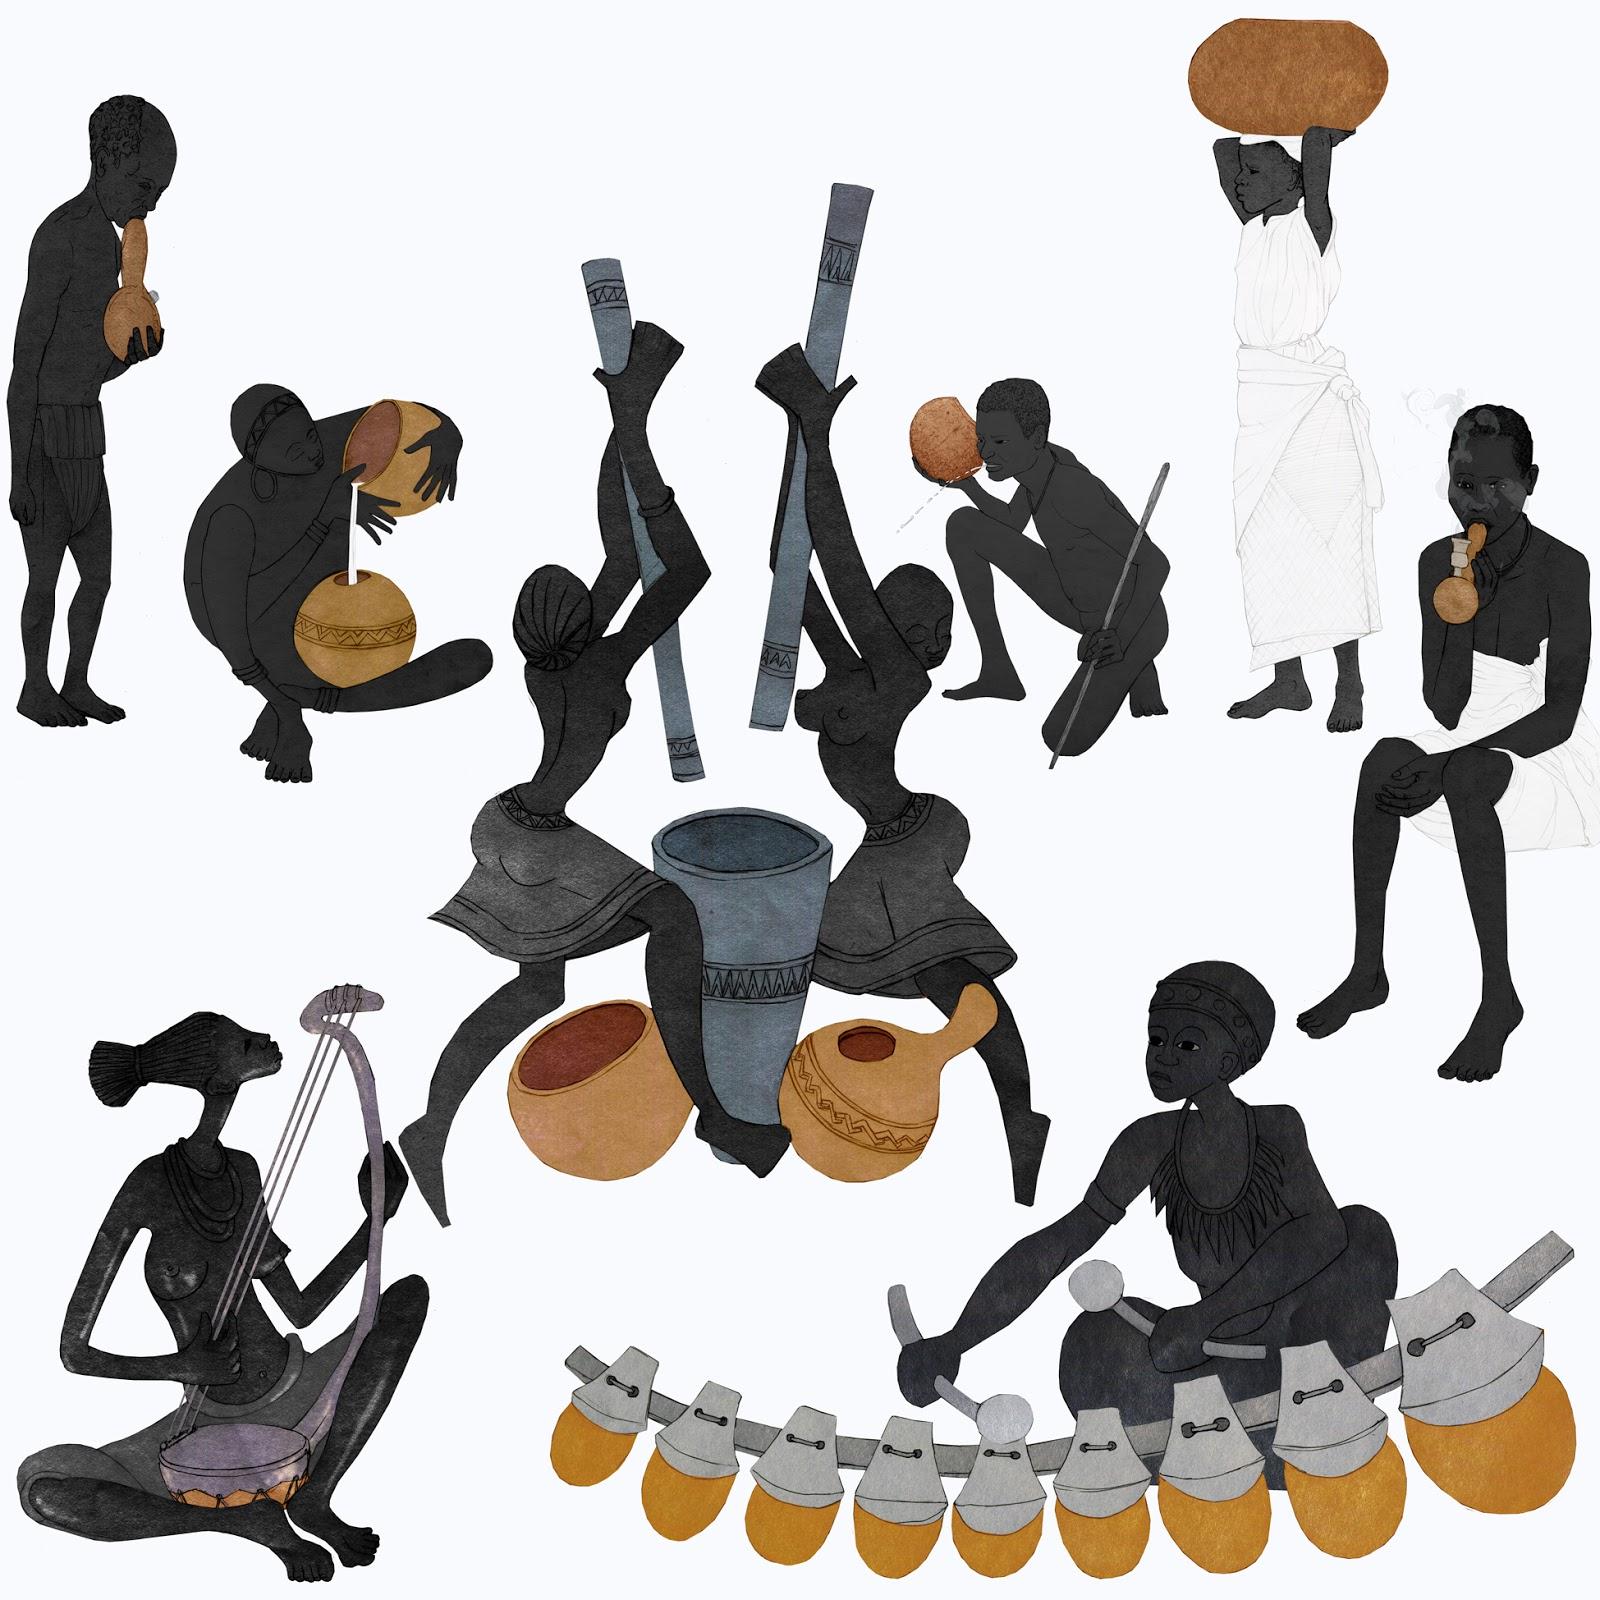 instrumentos musicales, recipientes, pipas,